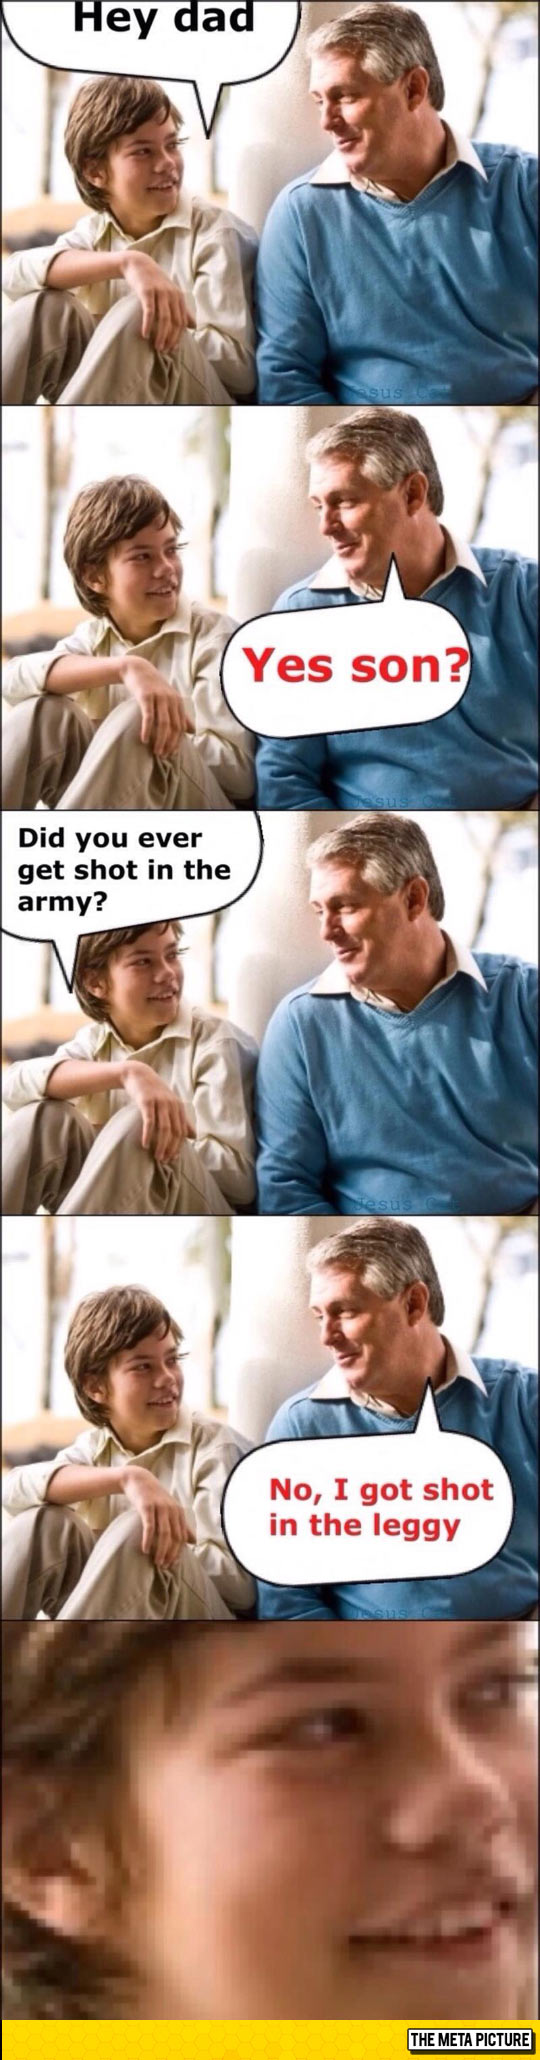 Dad Pun, Veteran Edition